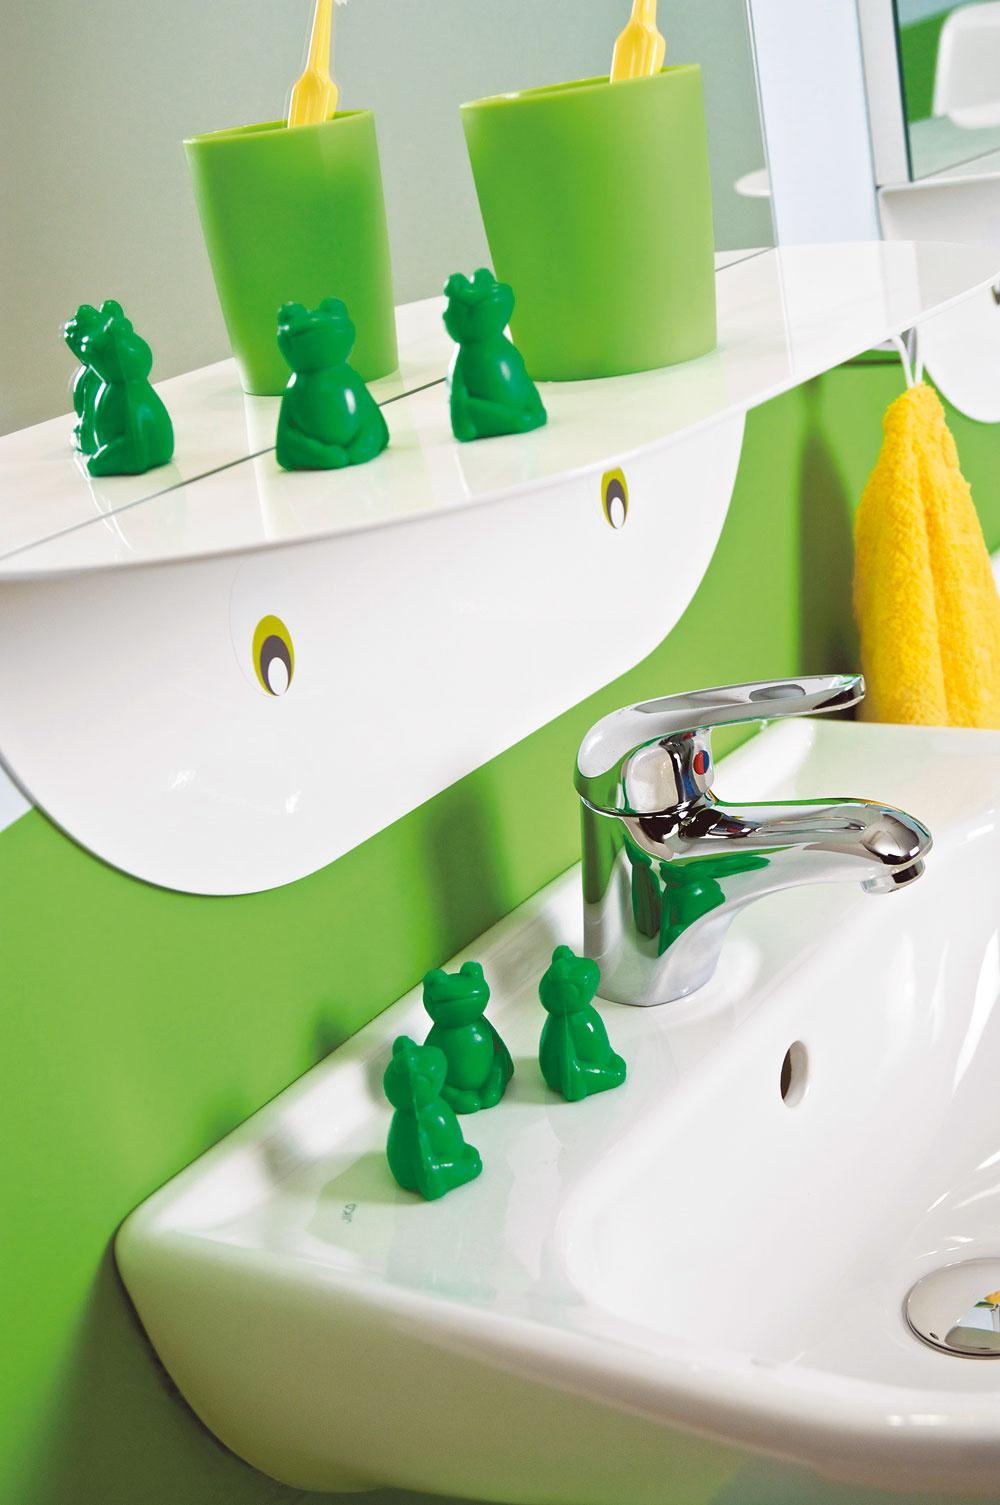 Veselé farby, vtipné dekorácia azvýšená bezpečnosť aj vďaka oblým hranám na všetkom, očo by sa dieťa mohlo udrieť. Všetky materiály vdetskej kúpeľni by mali odolať zmenám vlhkosti,teplôt ačastému špliechaniu.